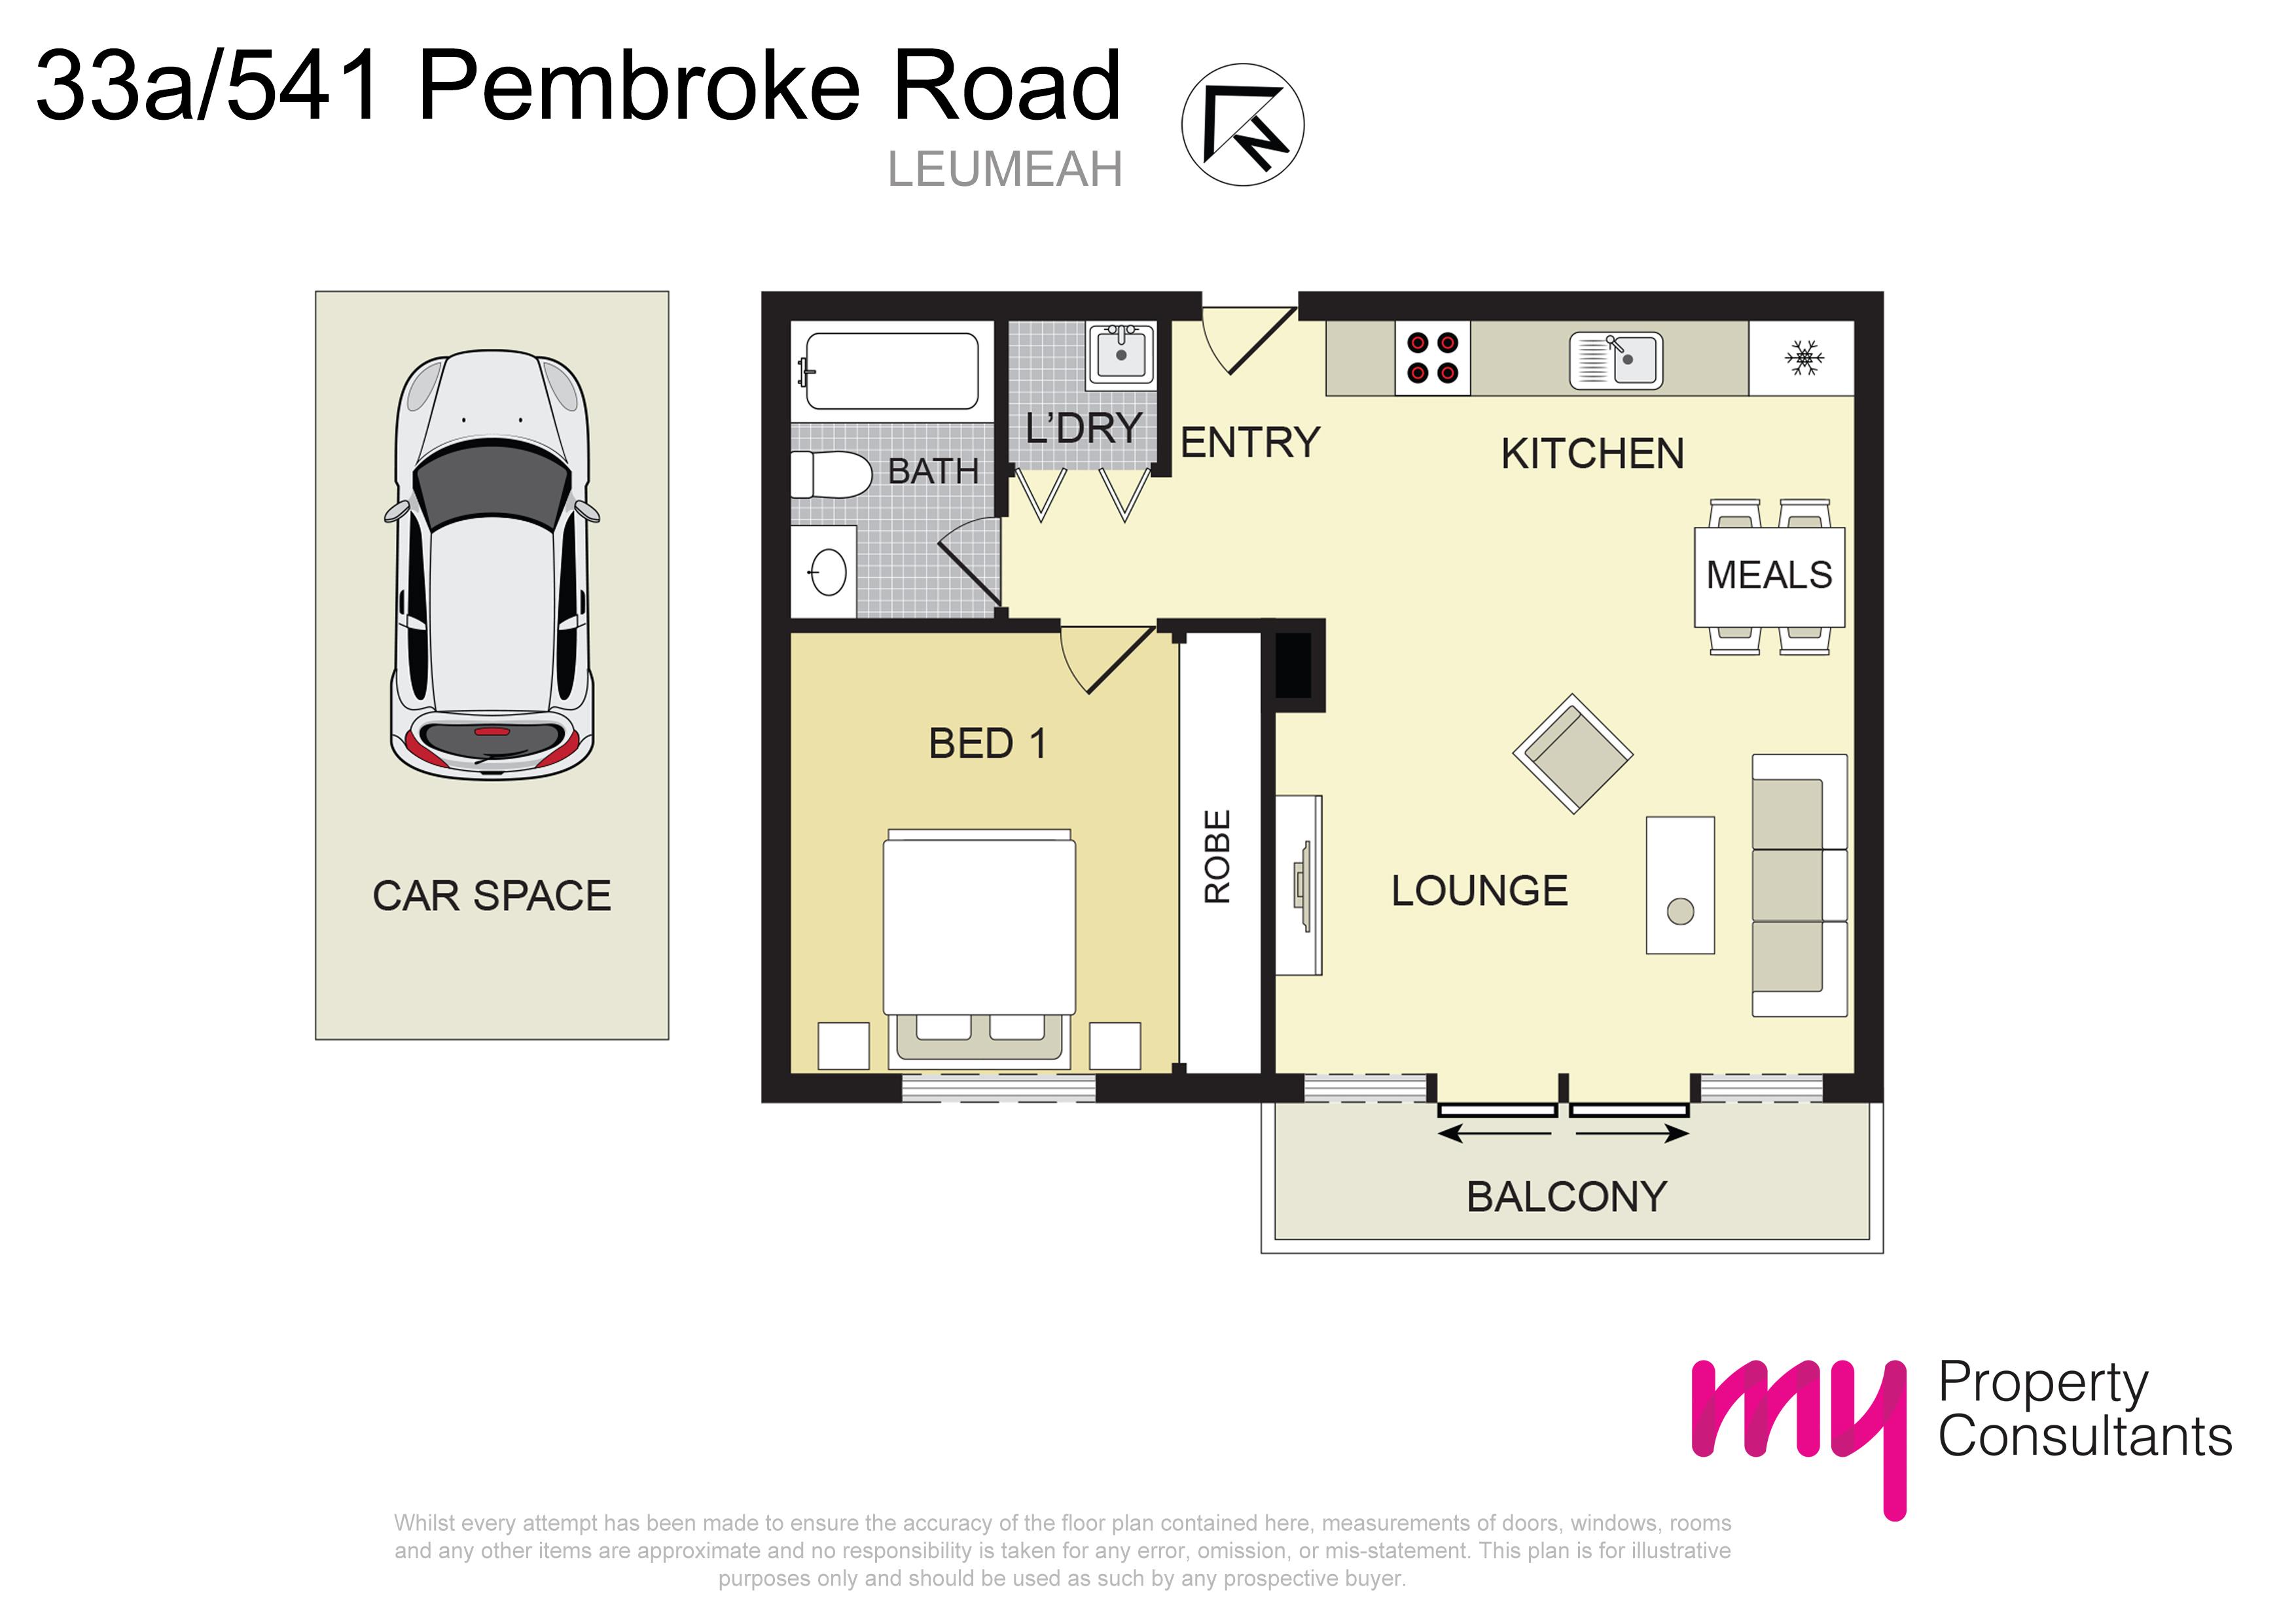 33A/541 Pembroke Road, LEUMEAH